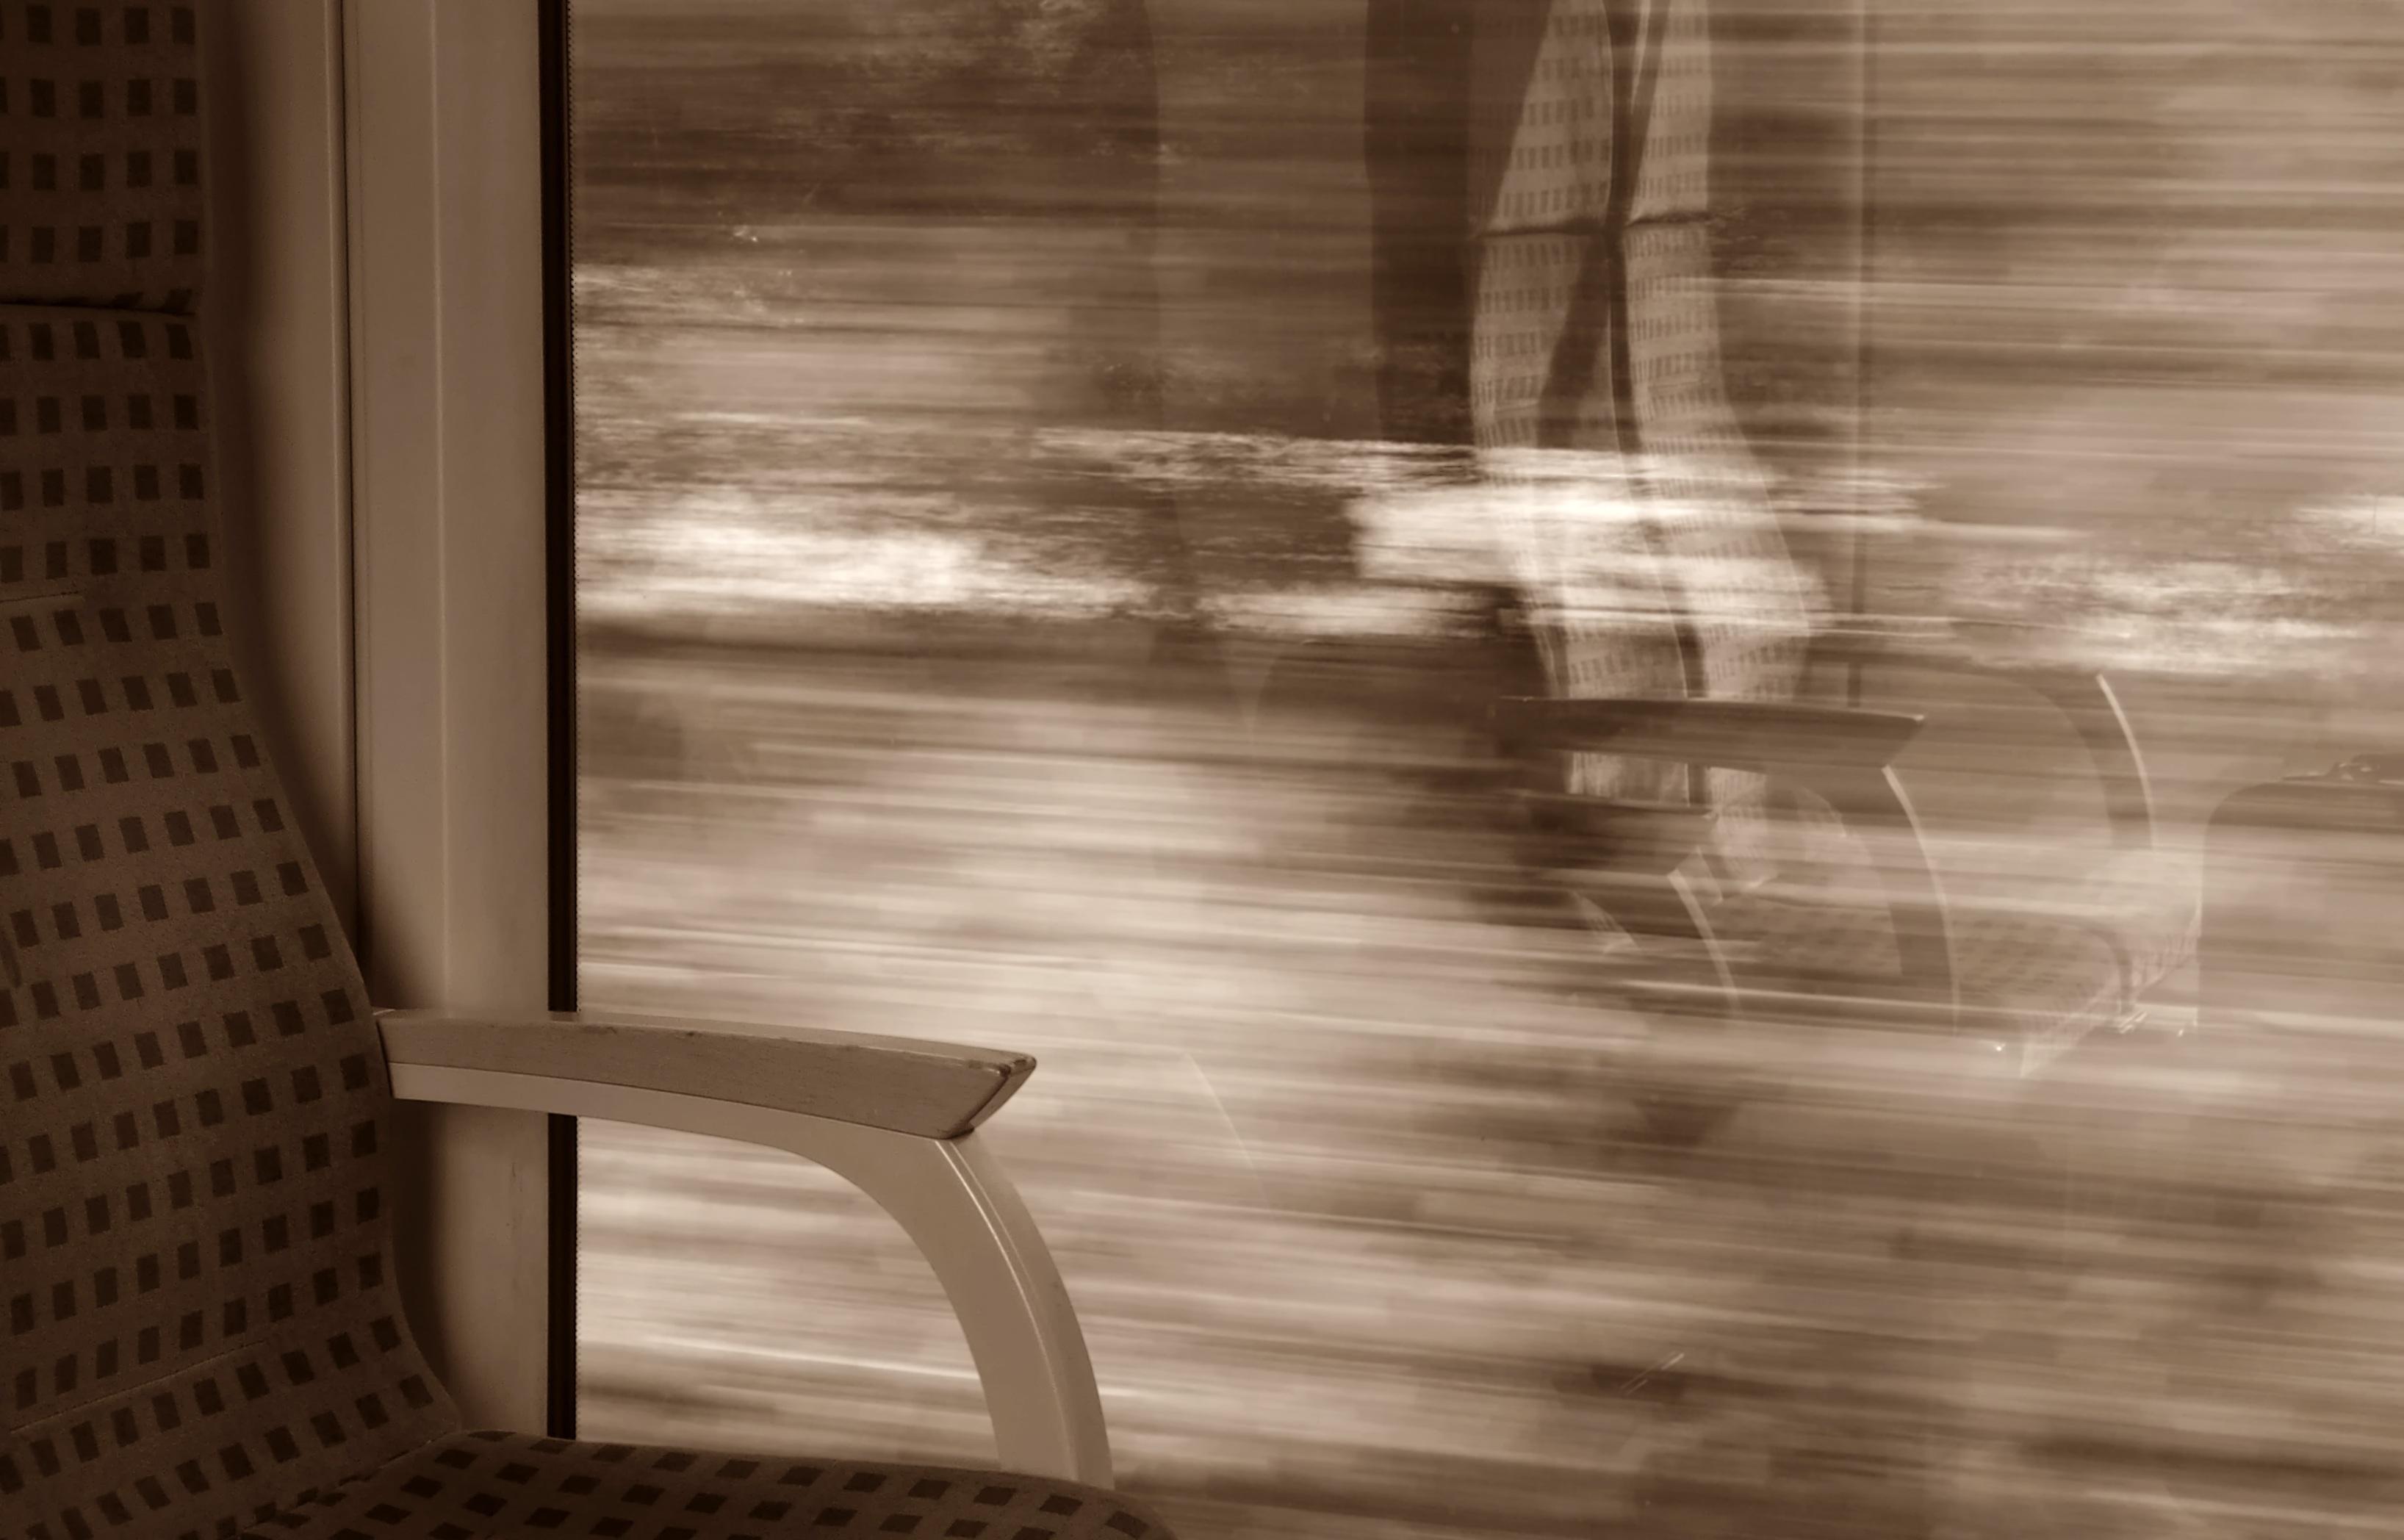 Train travel, View, Travel, Journey, Train, HQ Photo